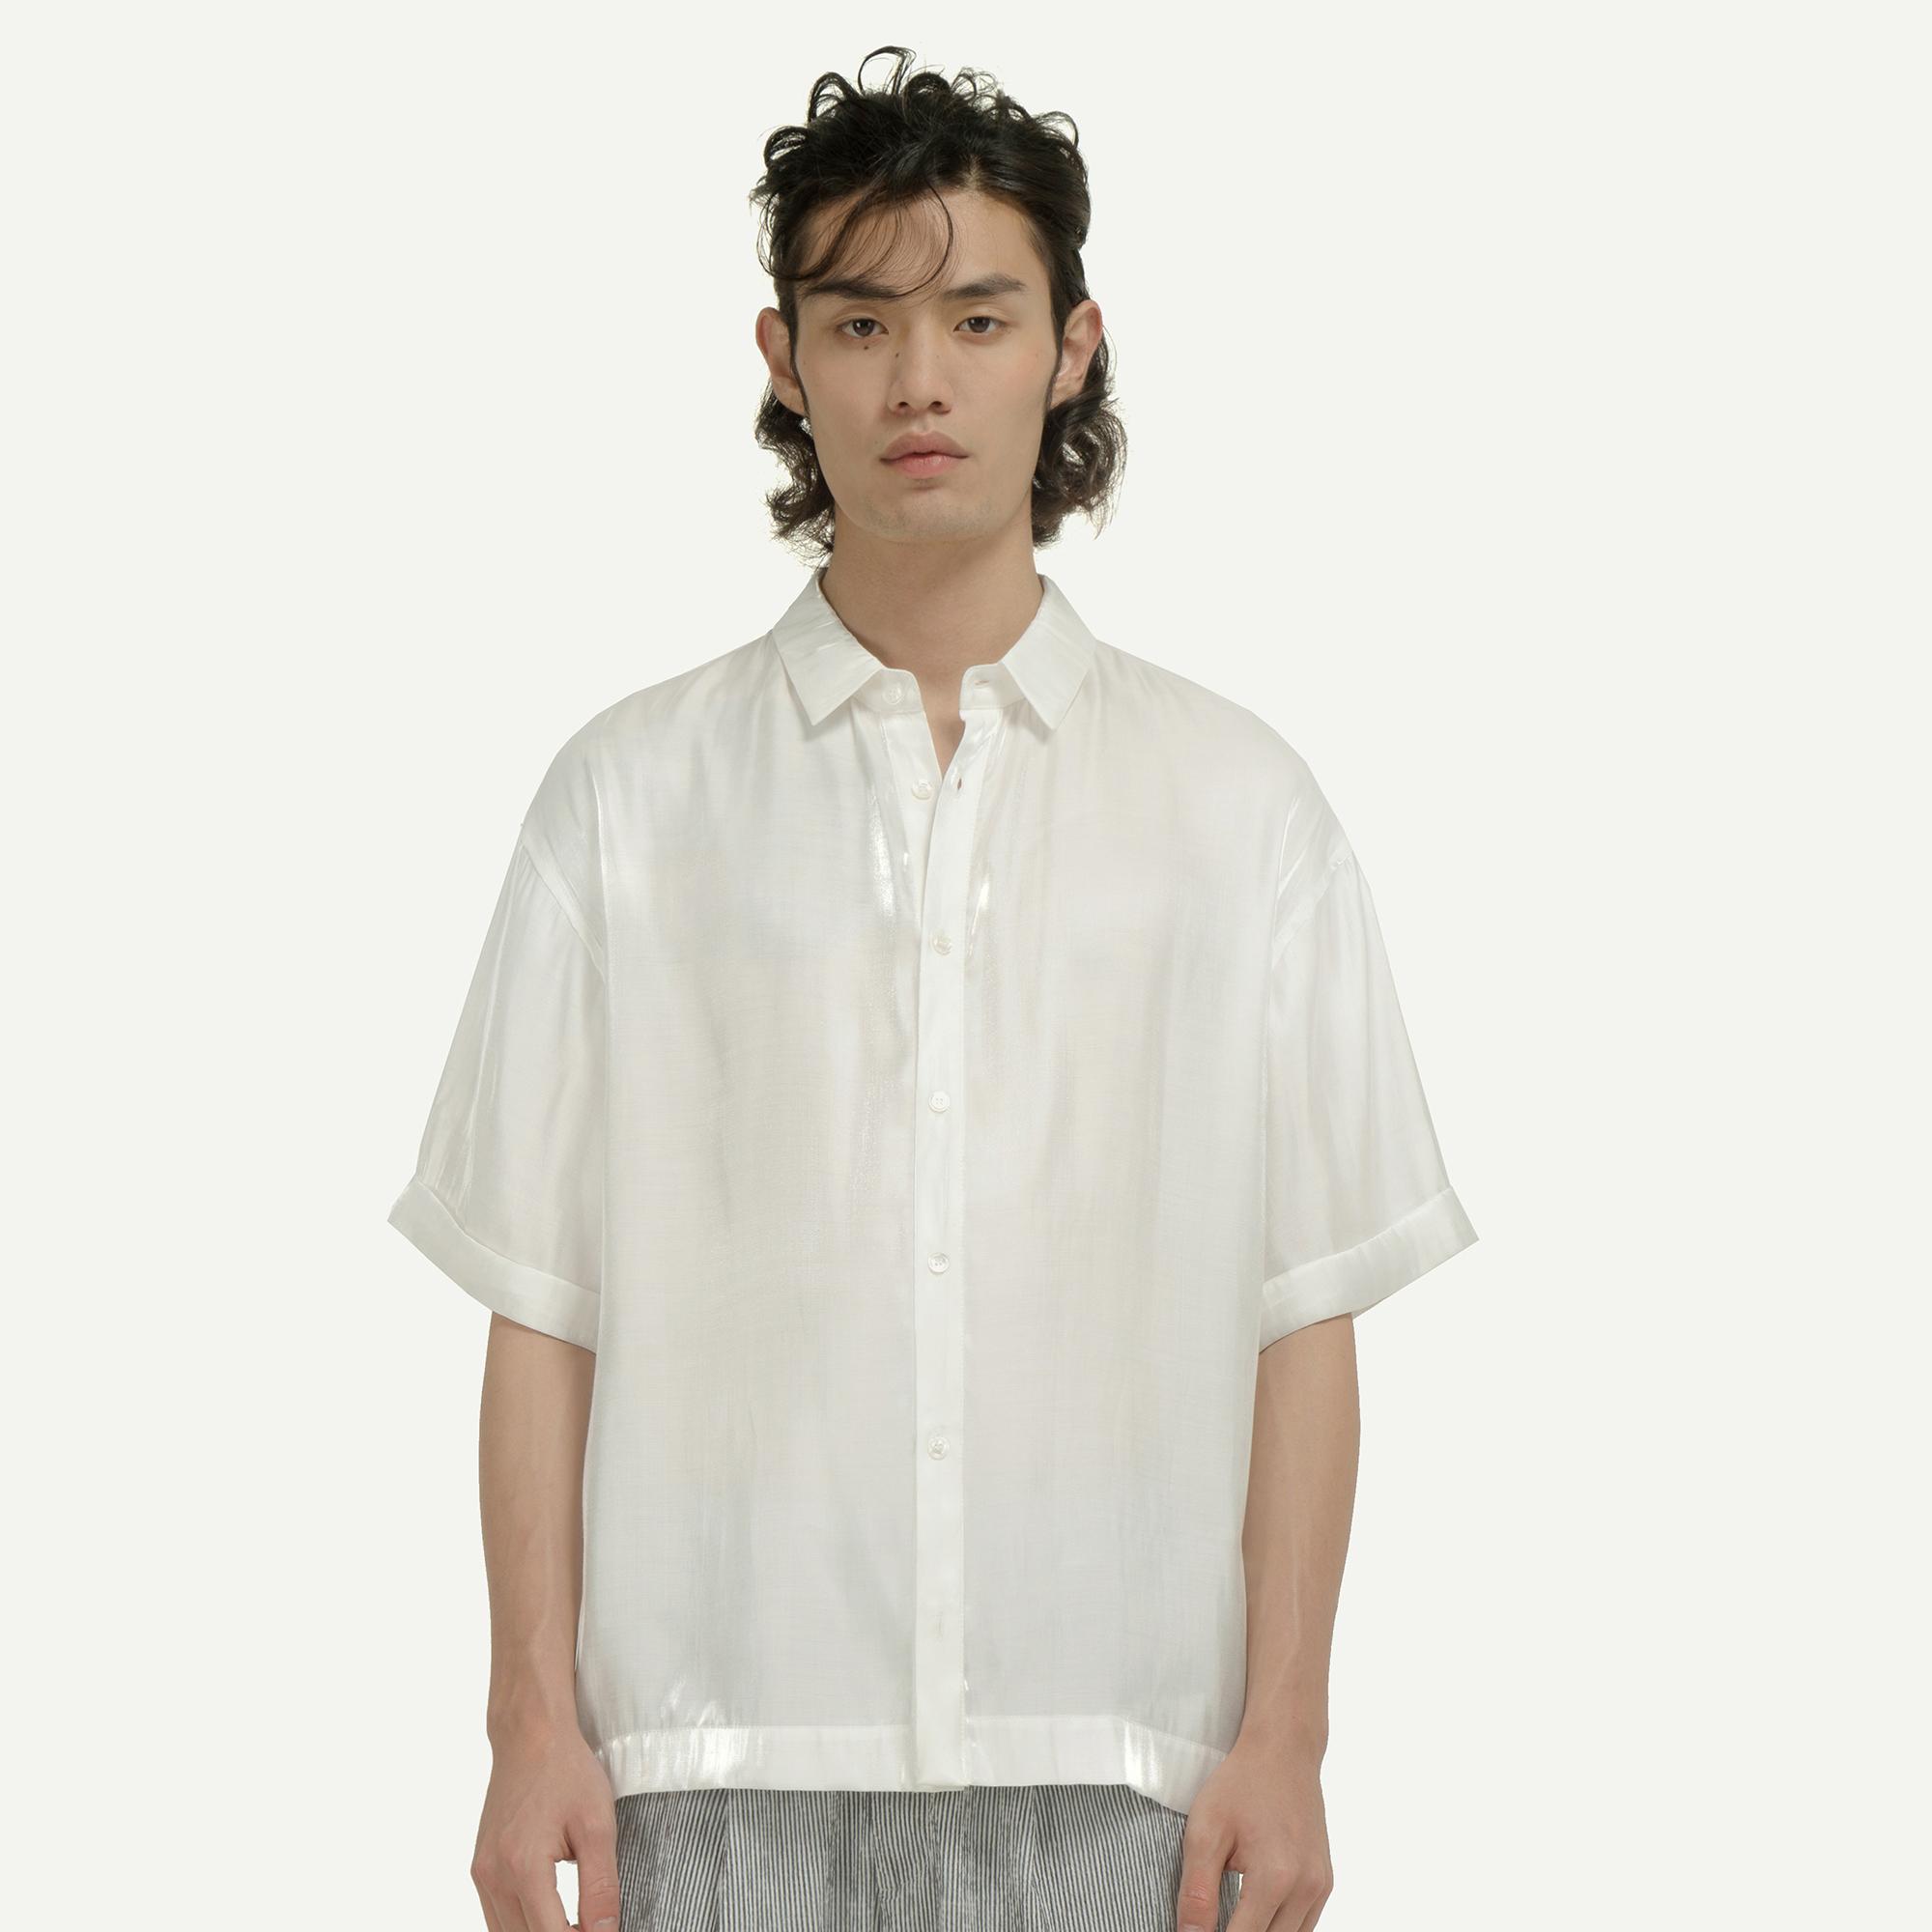 Мужские рубашки Артикул 596823495183